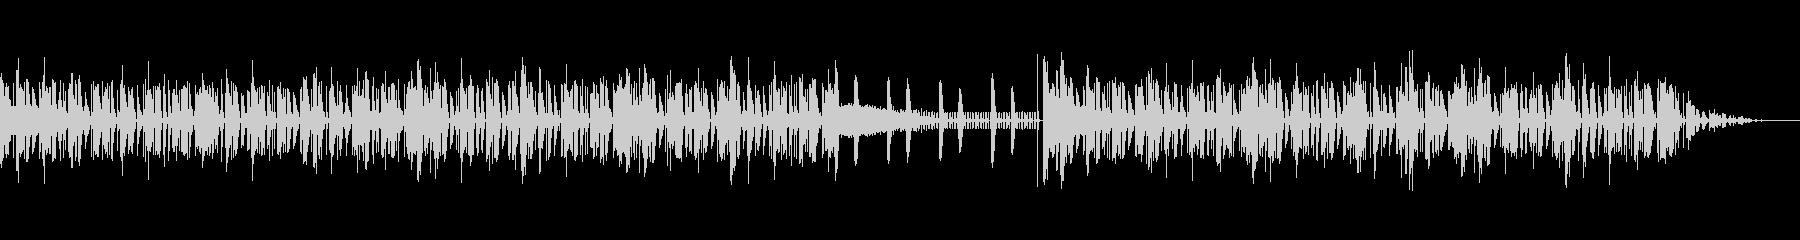 ピアノを使用した緊迫感のあるインスト曲の未再生の波形